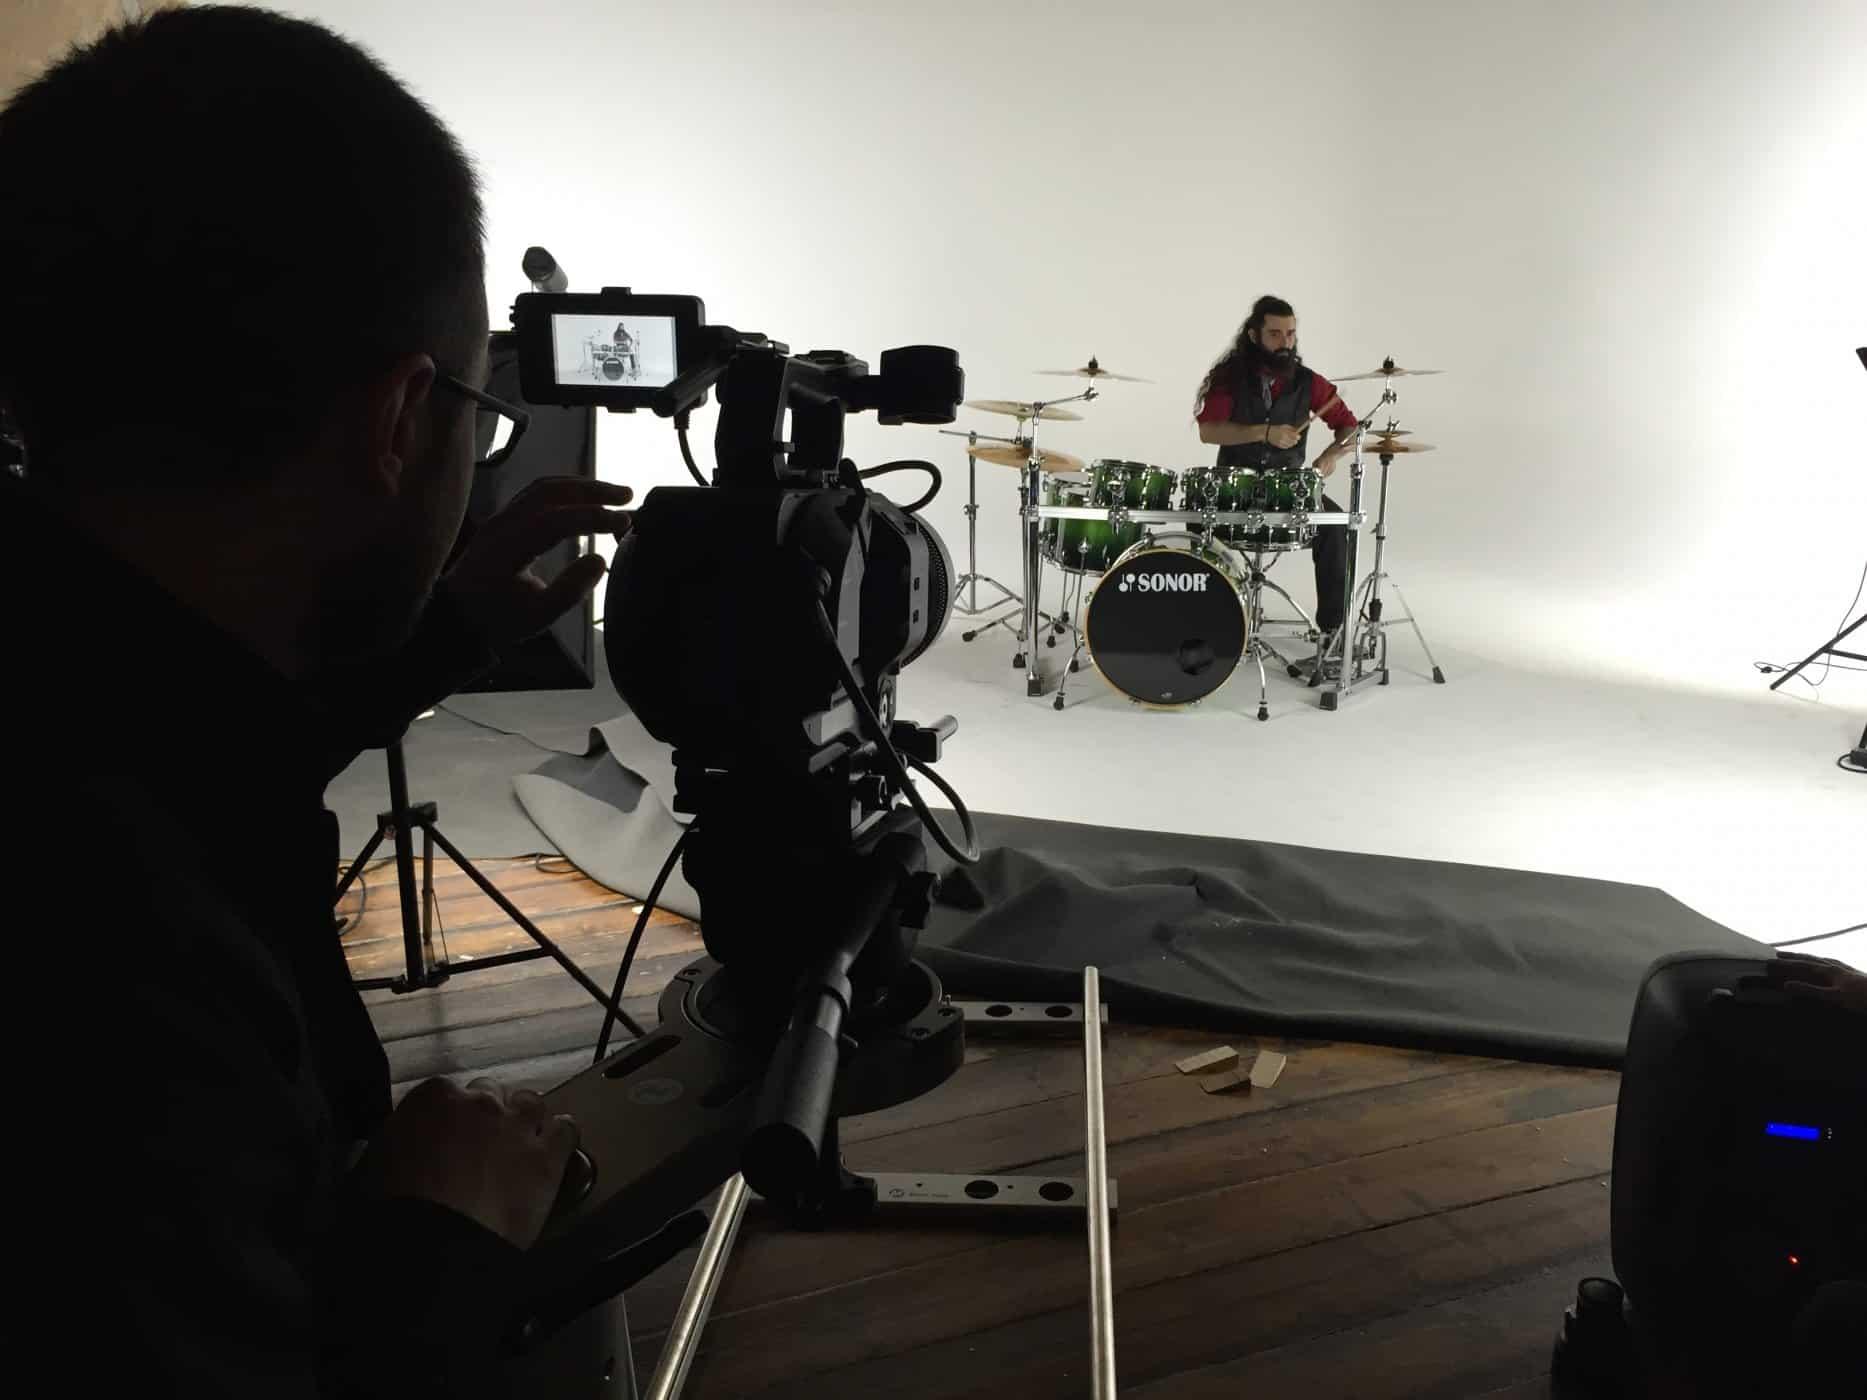 videoclip-musicali-videoproduzioni-postproduzione-band-artisti-emergenti-video-riprese (19)